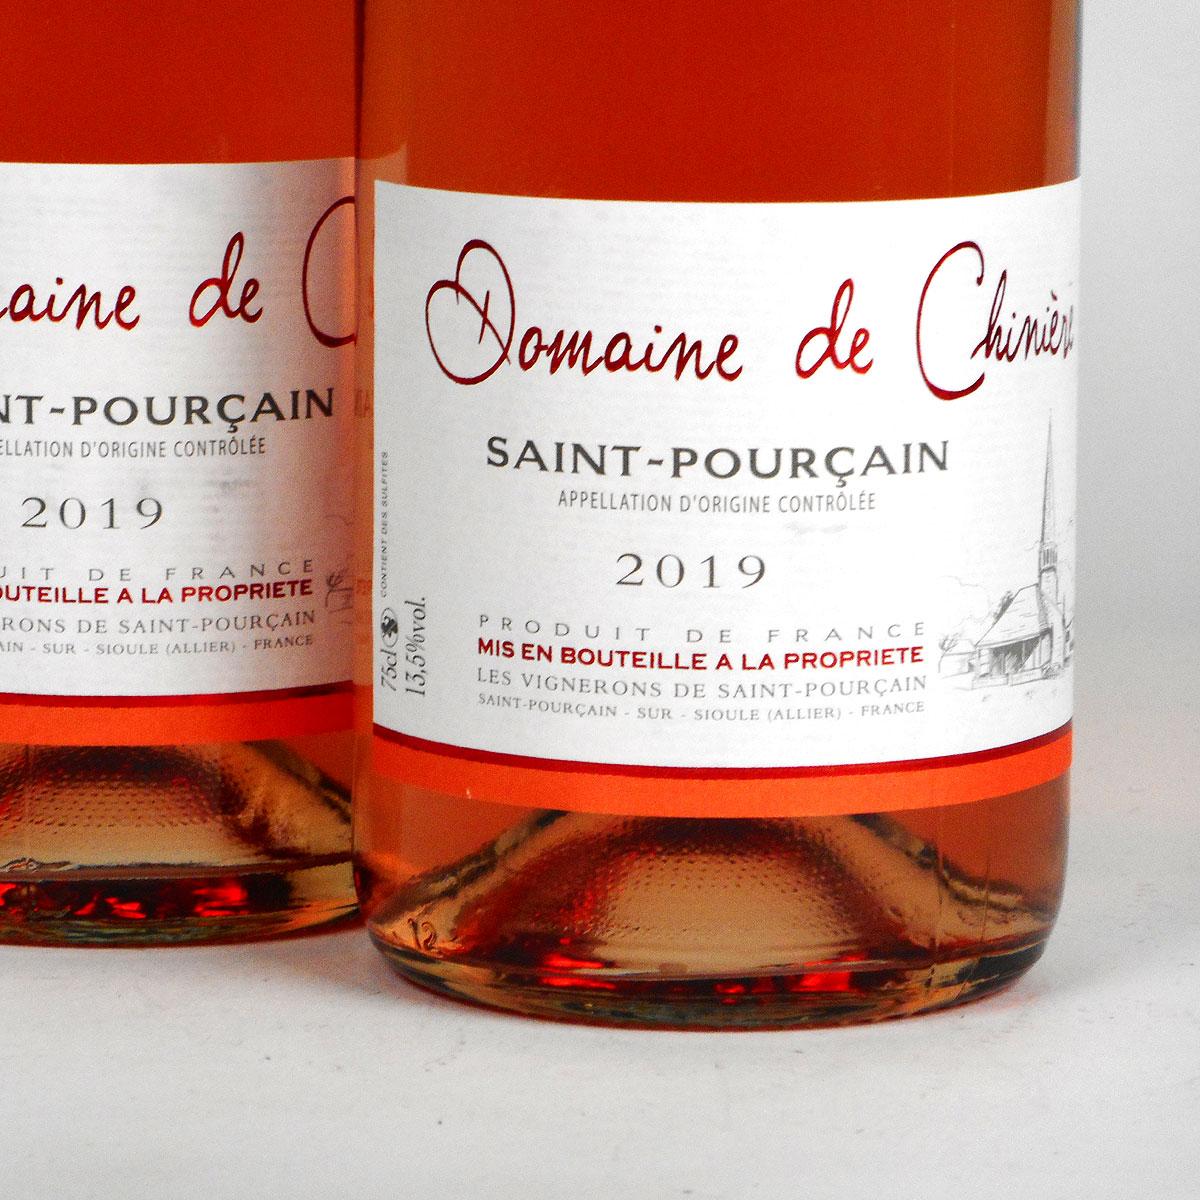 Saint-Pourçain: Domaine de Chinière Rosé 2019